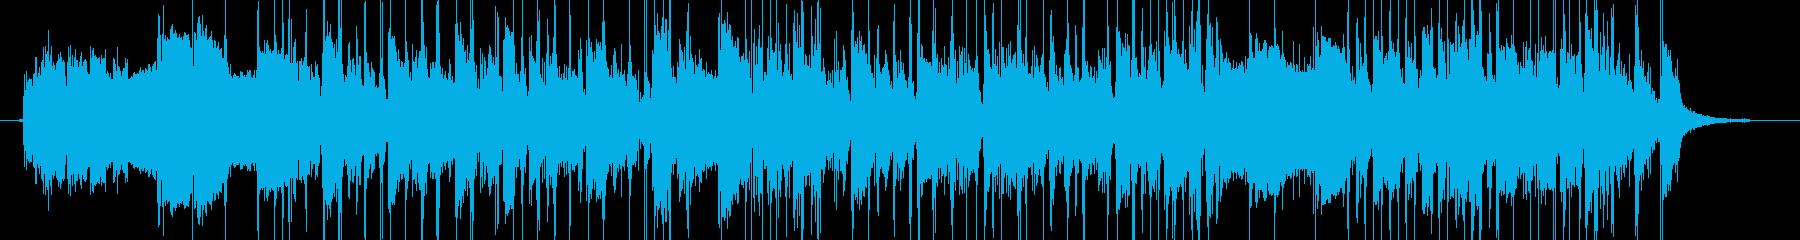 ロックベースサウンドの転換ジングルの再生済みの波形